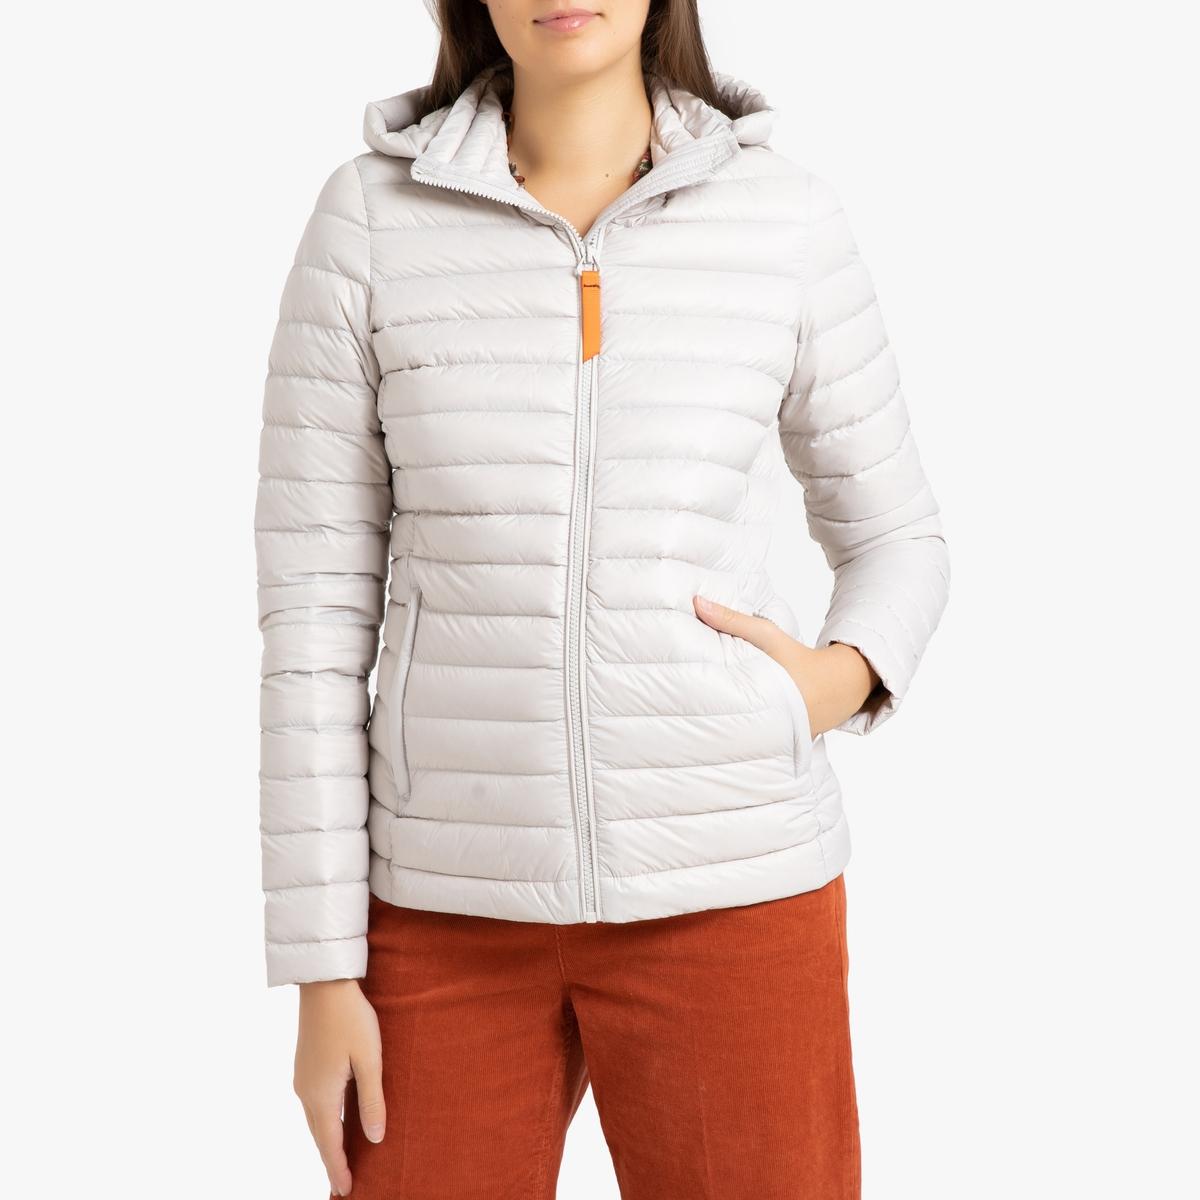 цена Куртка La Redoute Стеганая короткая с капюшоном FRANCINE MAT 4(XL) белый в интернет-магазинах